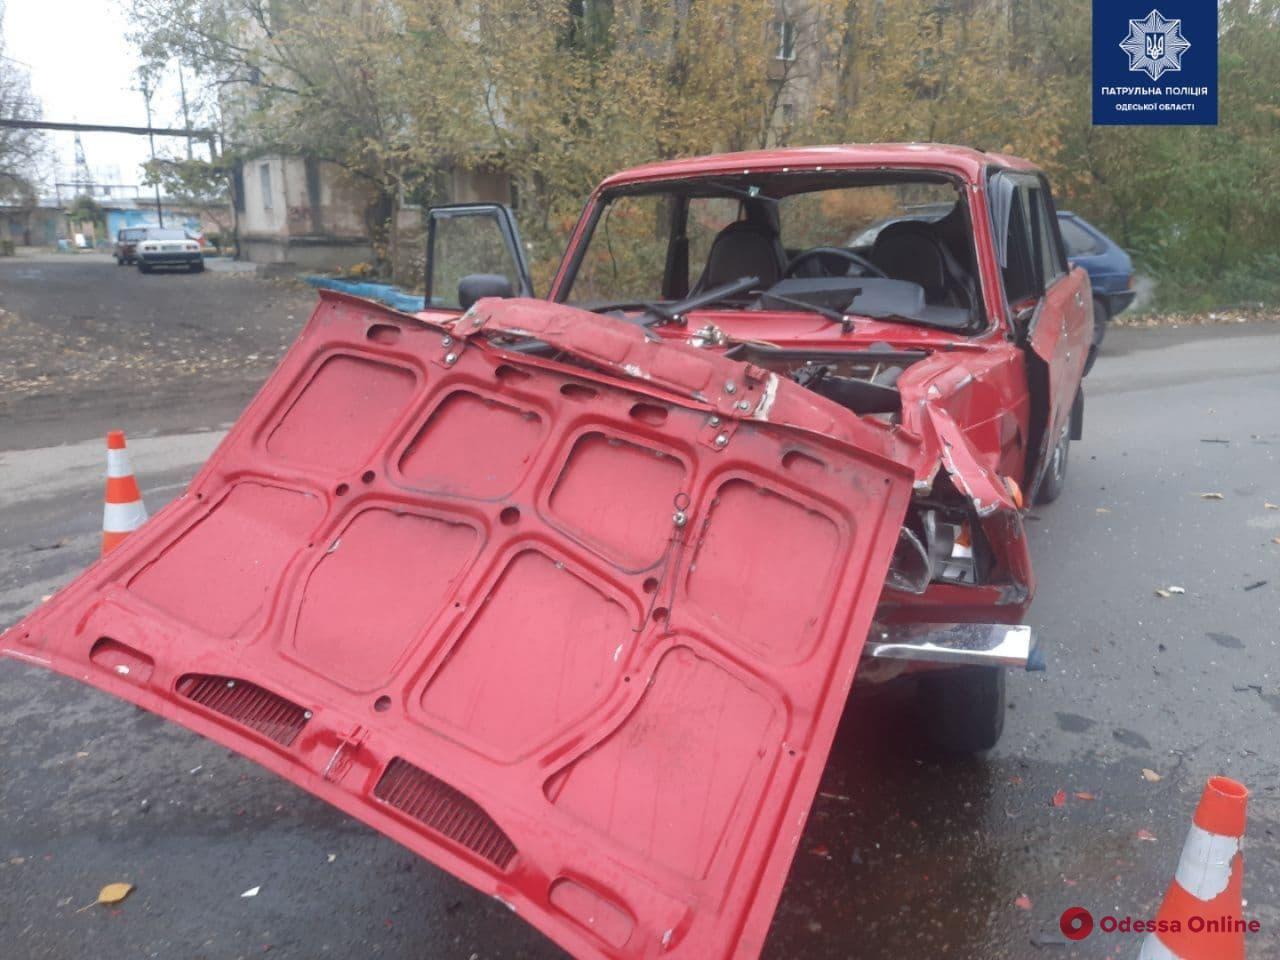 На Балтской дороге в тройном ДТП пострадал мужчина (фото)